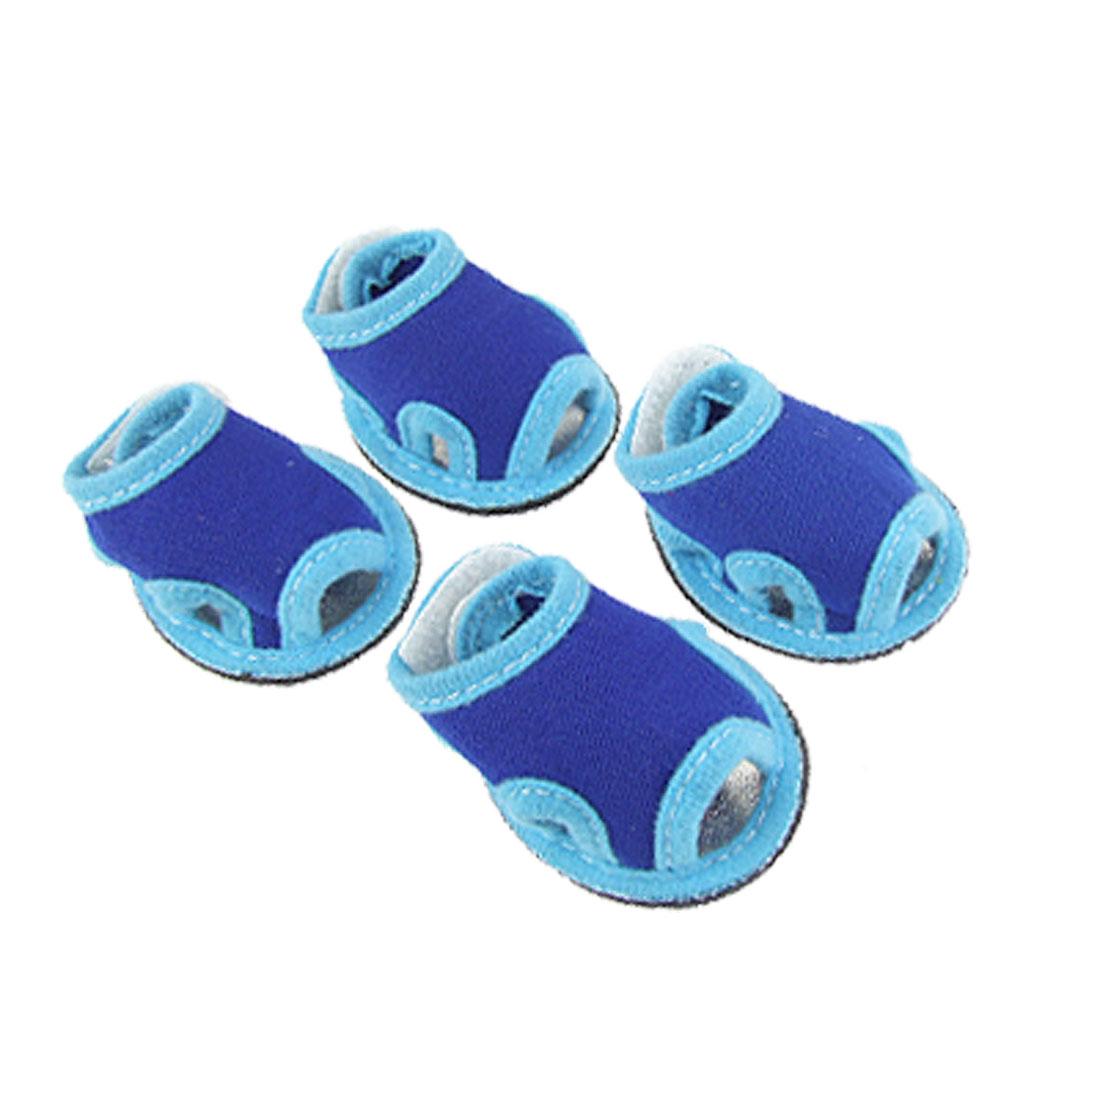 4 Pcs Pet Dog Nonslip Soles Skyblue Navy Blue Open Toe Sandals Shoes Size 2